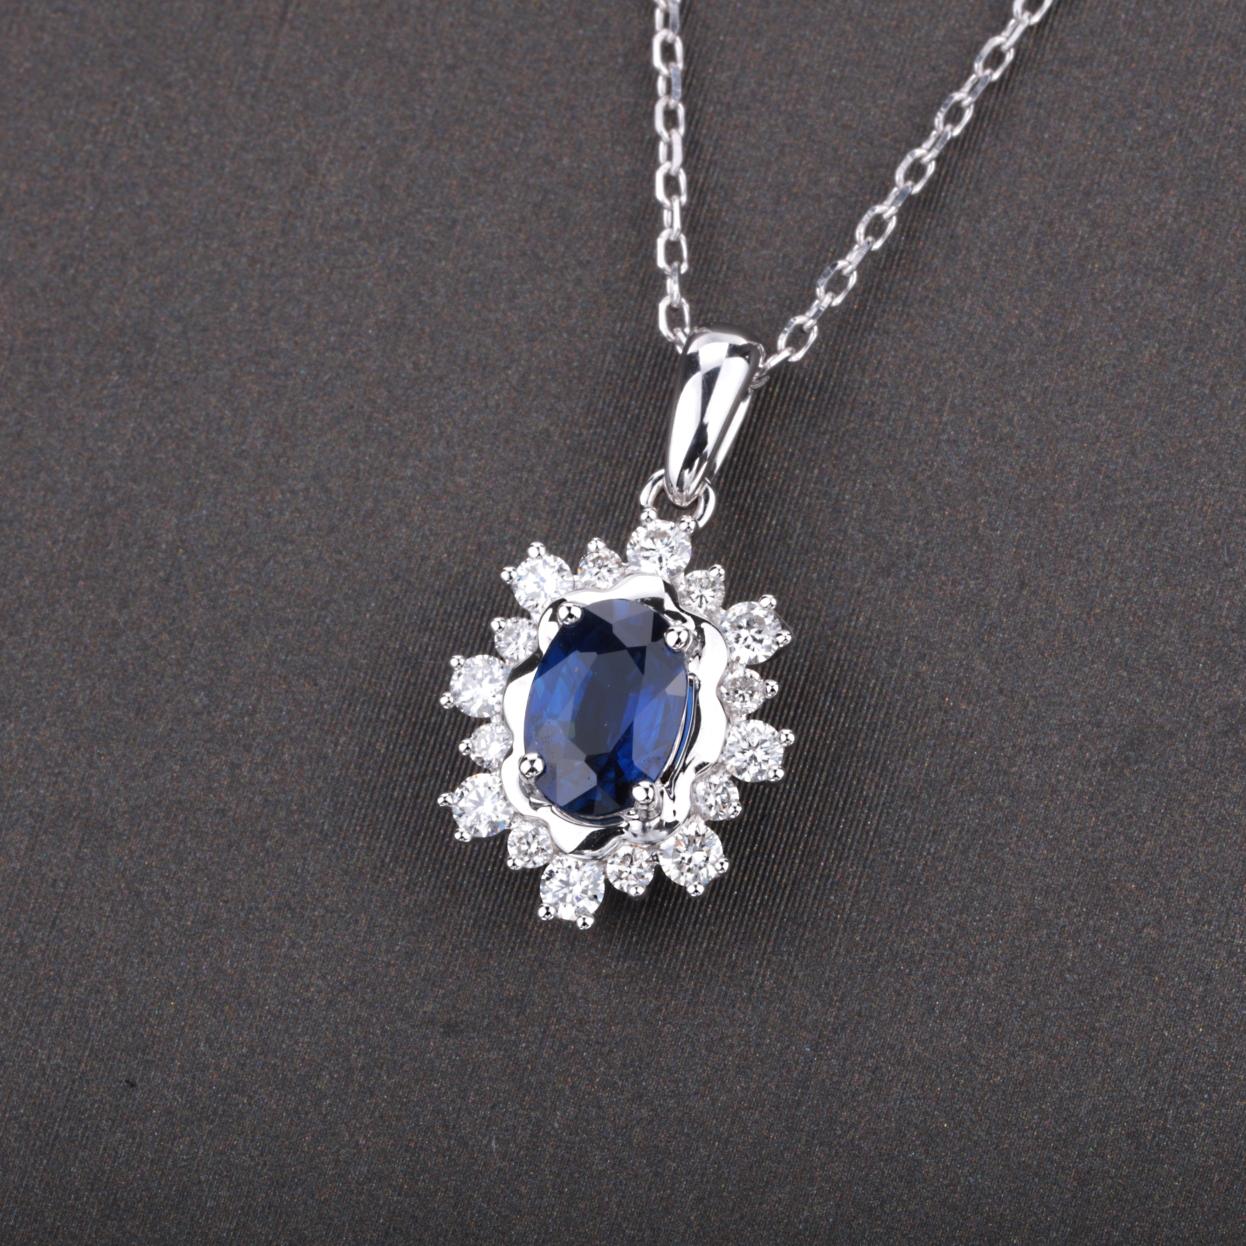 【吊坠】18k金+蓝宝石+钻石  宝石颜色纯正(不含链子) 货重:1.58g  主石:0.63ct